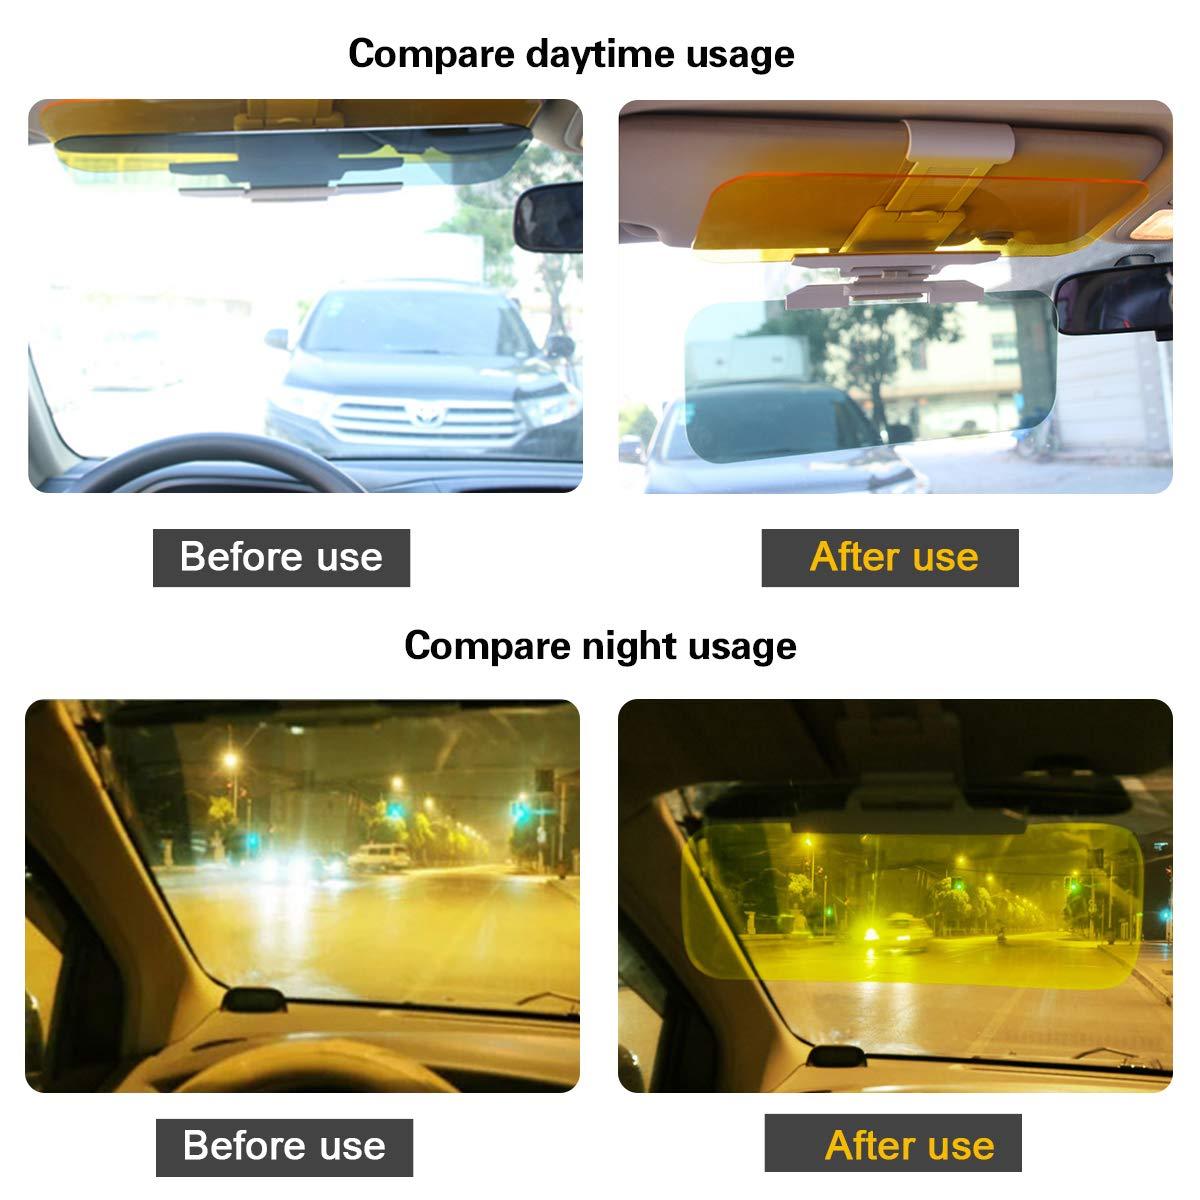 CAR-REP Auto Blendschutz Windschutzscheibe Sonnenblende Extender 2 in 1 für Tag- und Nachtgebrauch Schützt vor UV-Strahlung Scheinwerfer Heckklappen Reduziert die Augenbelastung